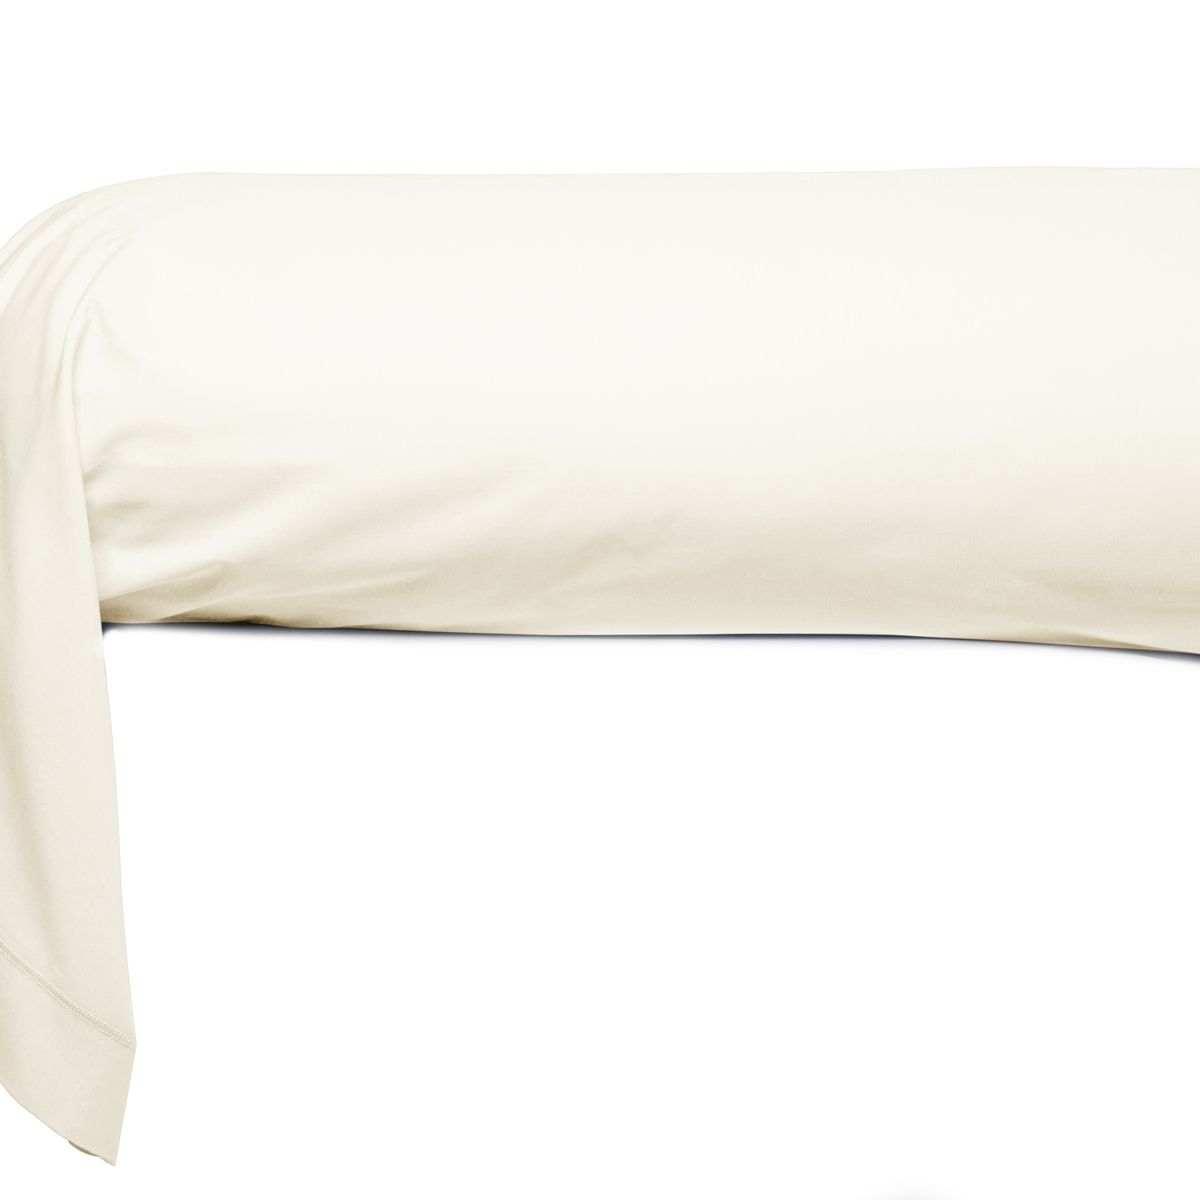 Taie de Traversin percale de coton 80 fils naturel - Tahiti | Linge de lit percale de coton | Tradition des Vosges